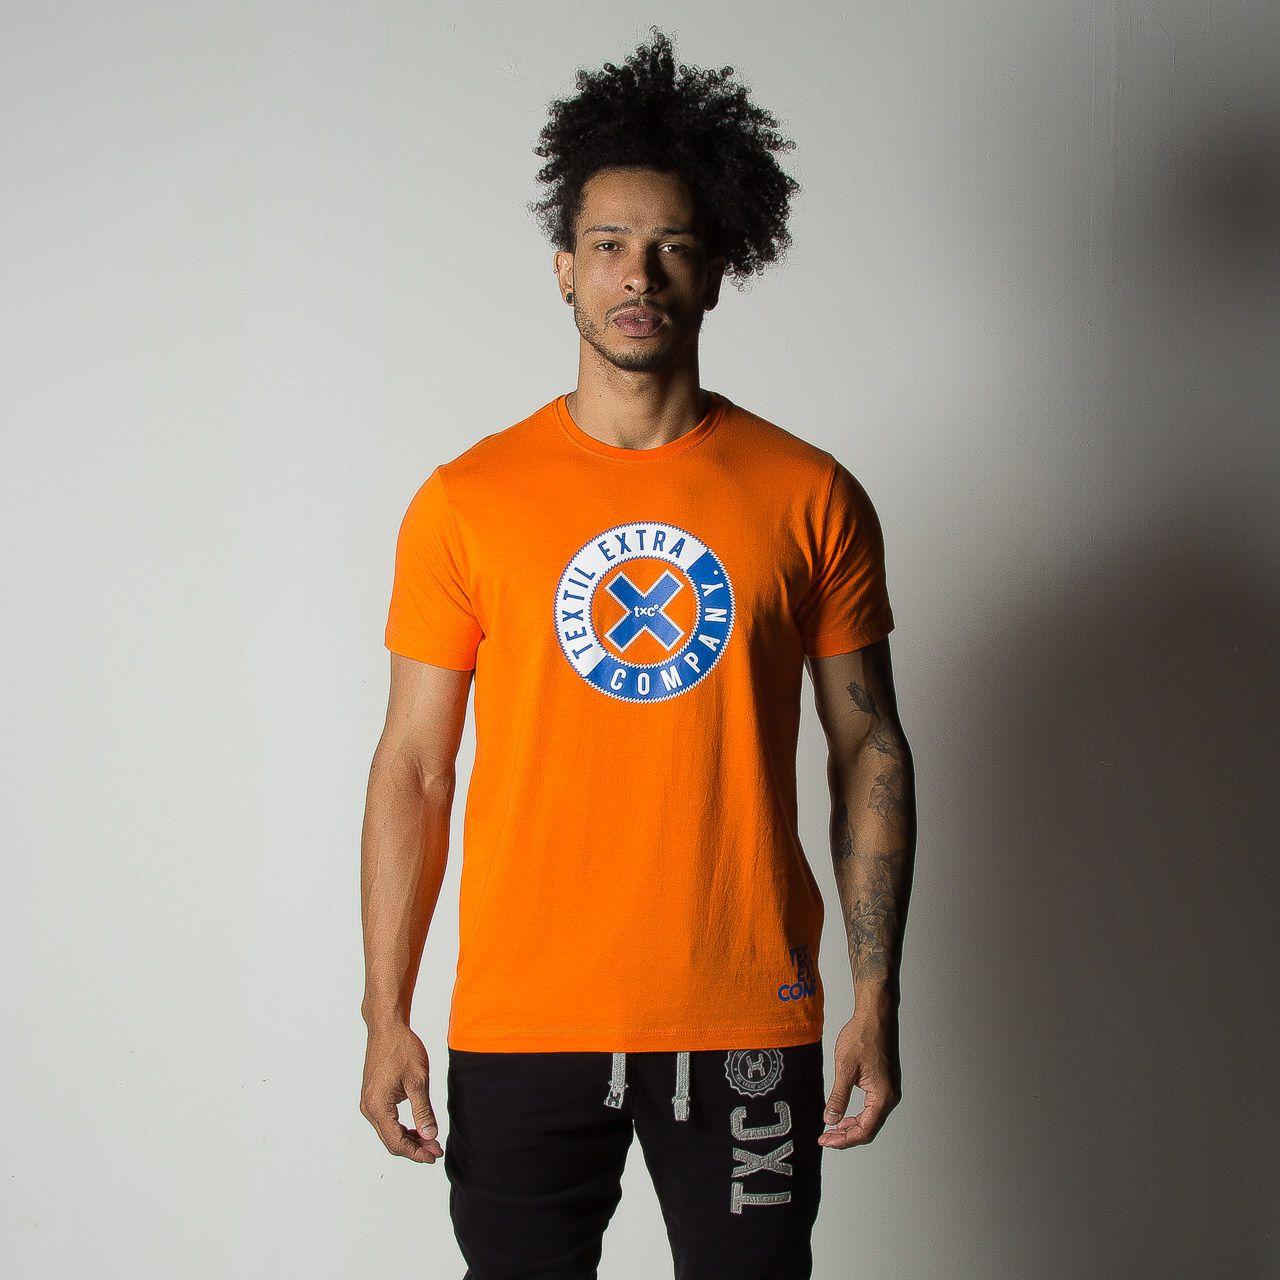 Camiseta TXC Brand 1828